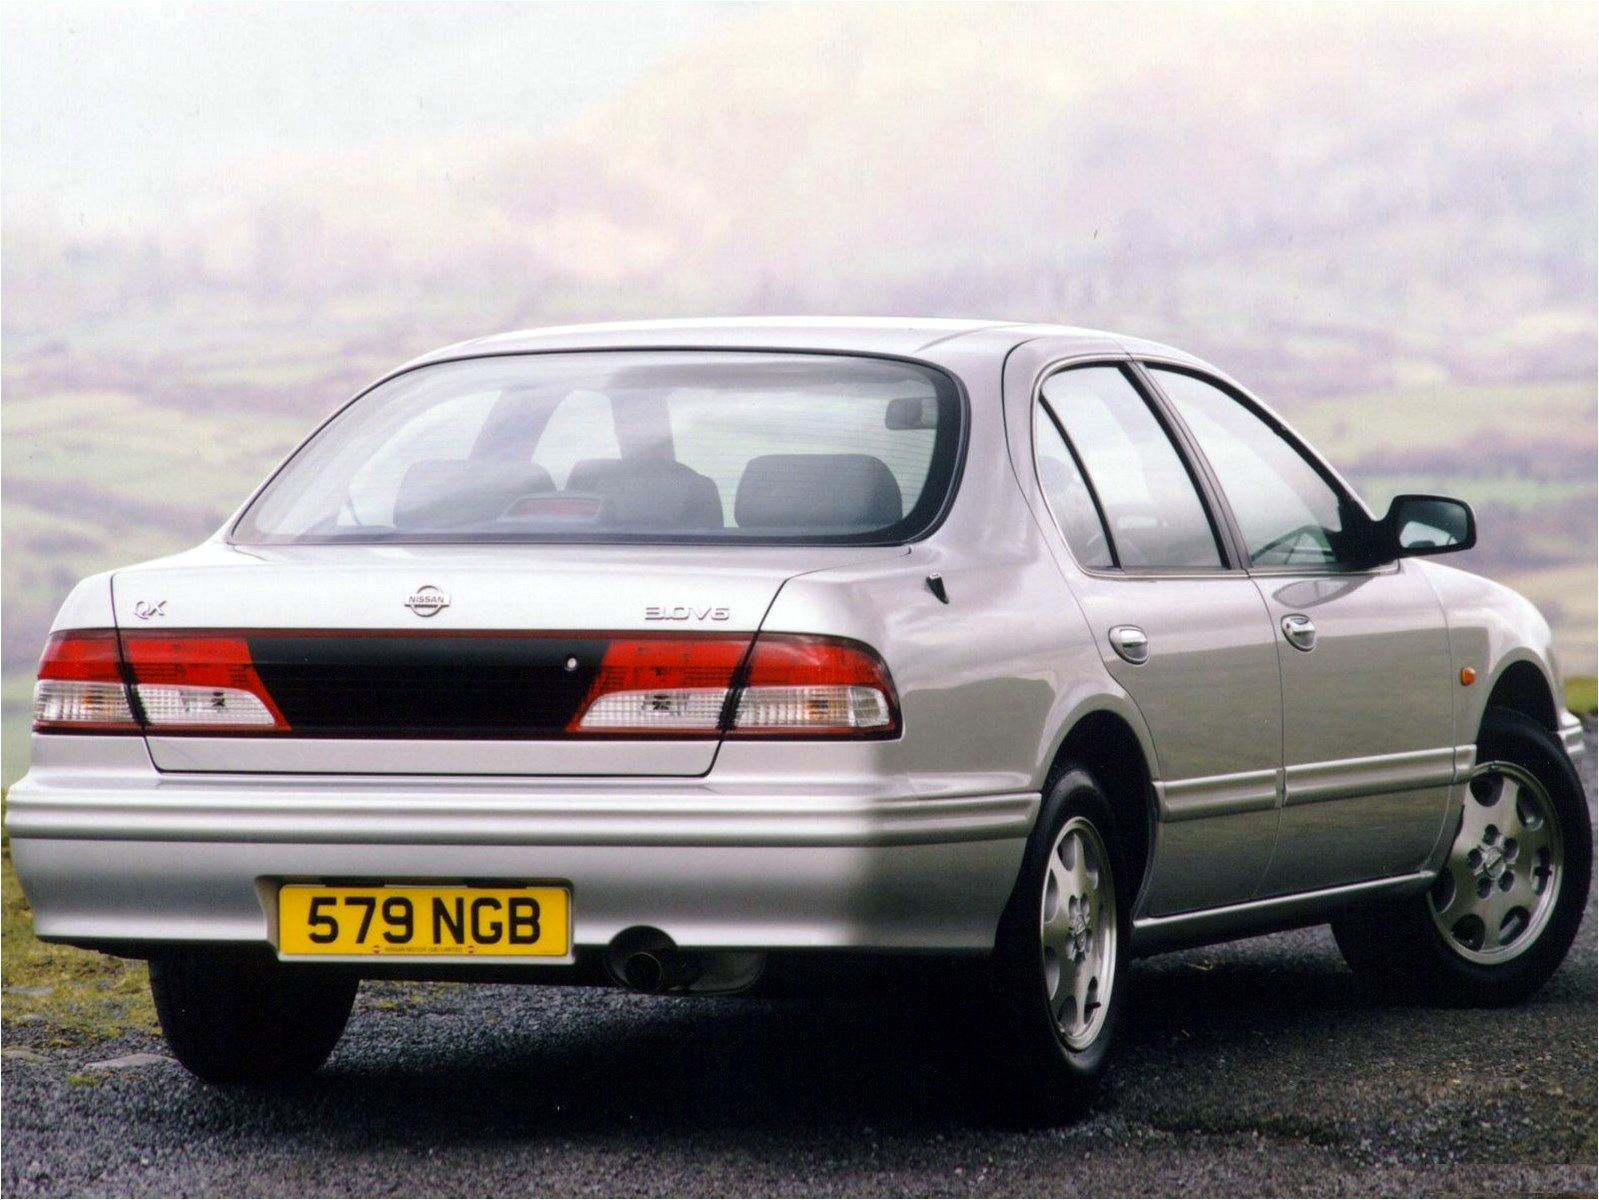 1994 99 nissan maxima qx a32 3 0 v6 classic cars. Black Bedroom Furniture Sets. Home Design Ideas